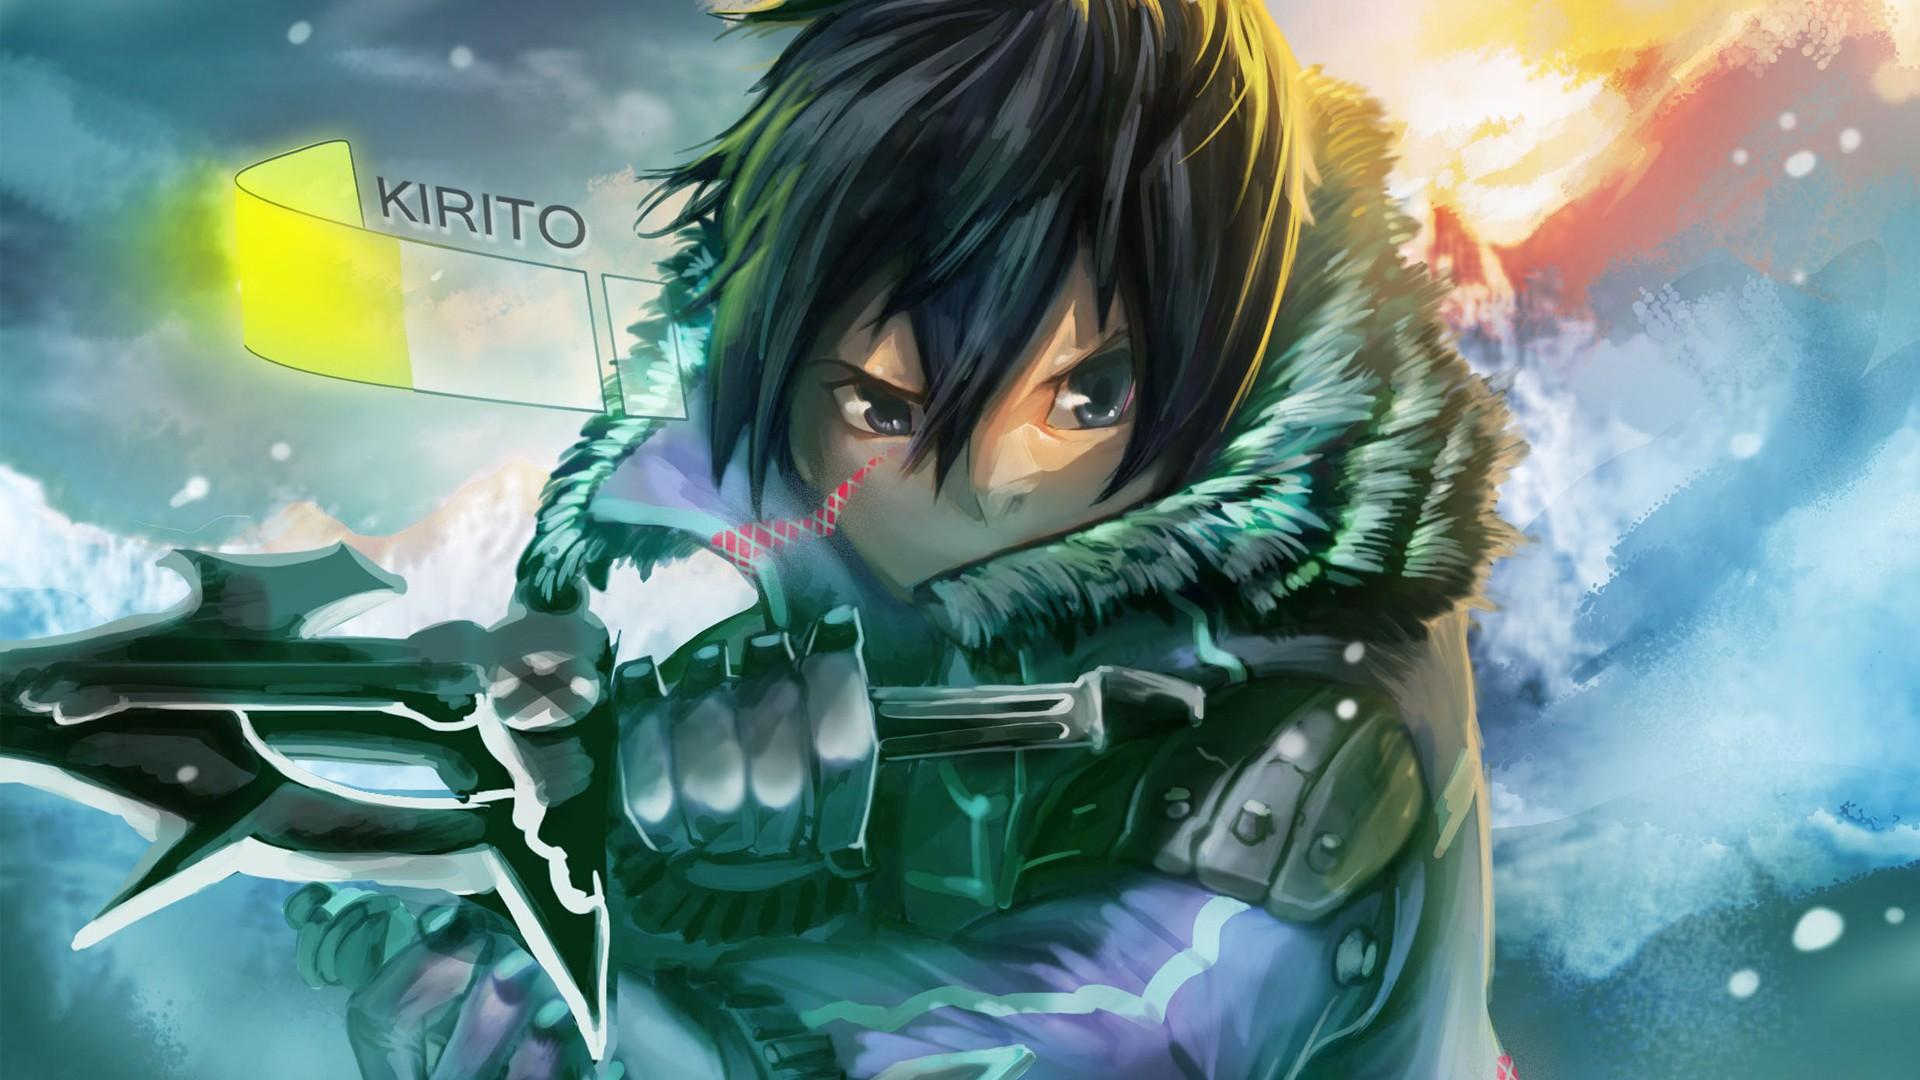 Sword Art Online Art   ID: 80827